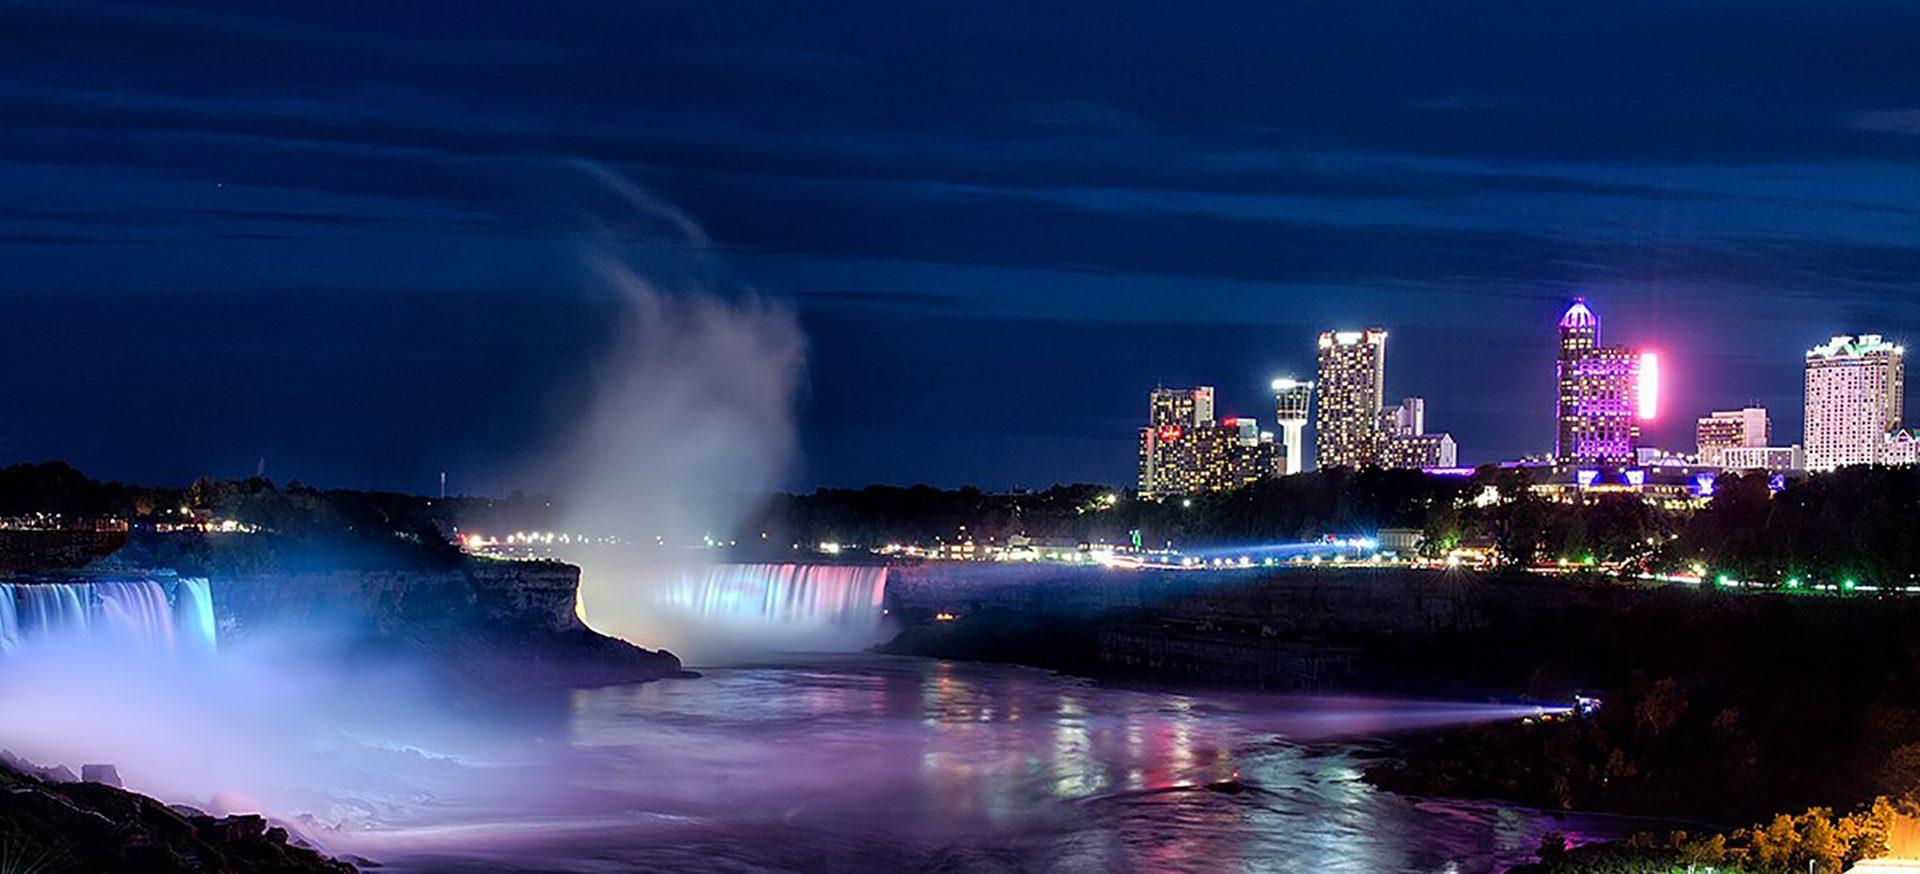 Niagara Falls At Night Wallpaper Events Visit Niagara Canada